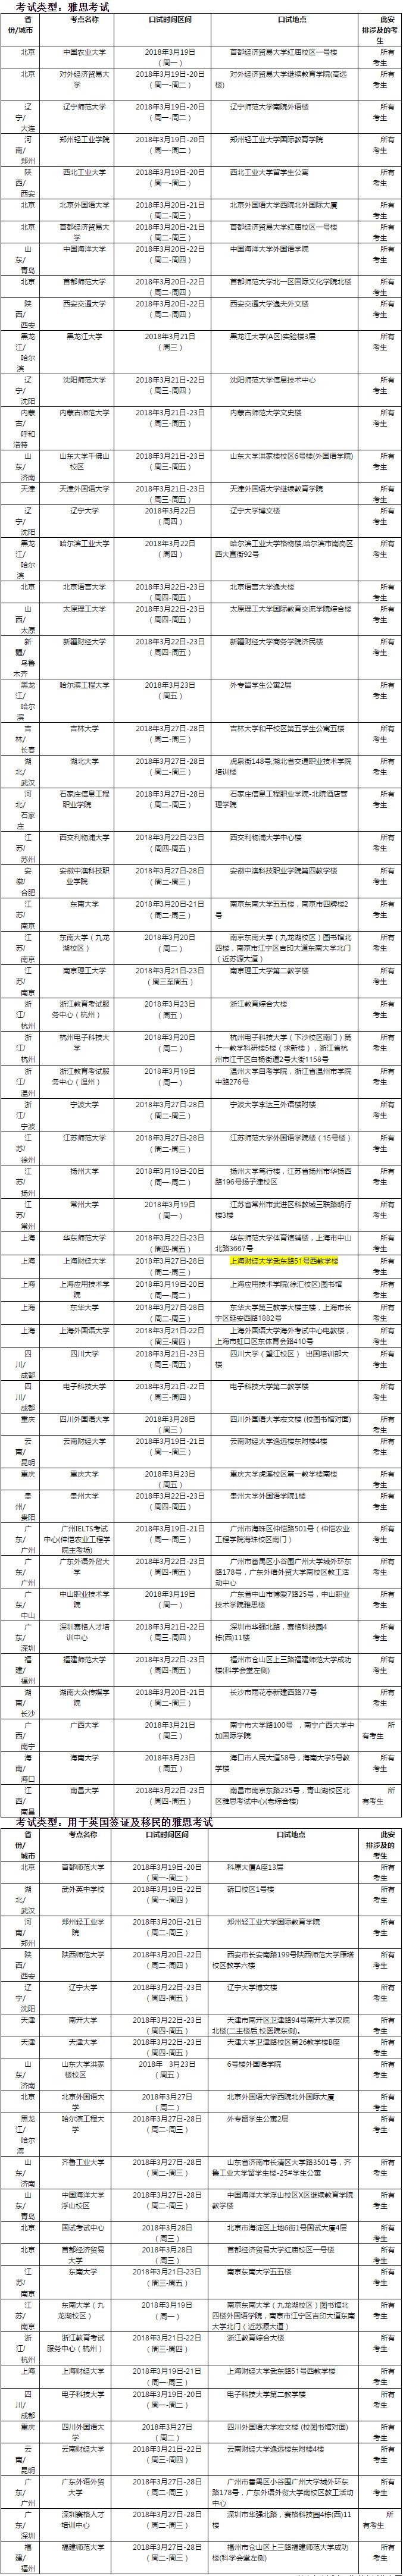 2018年3月24日雅思口语考试安排